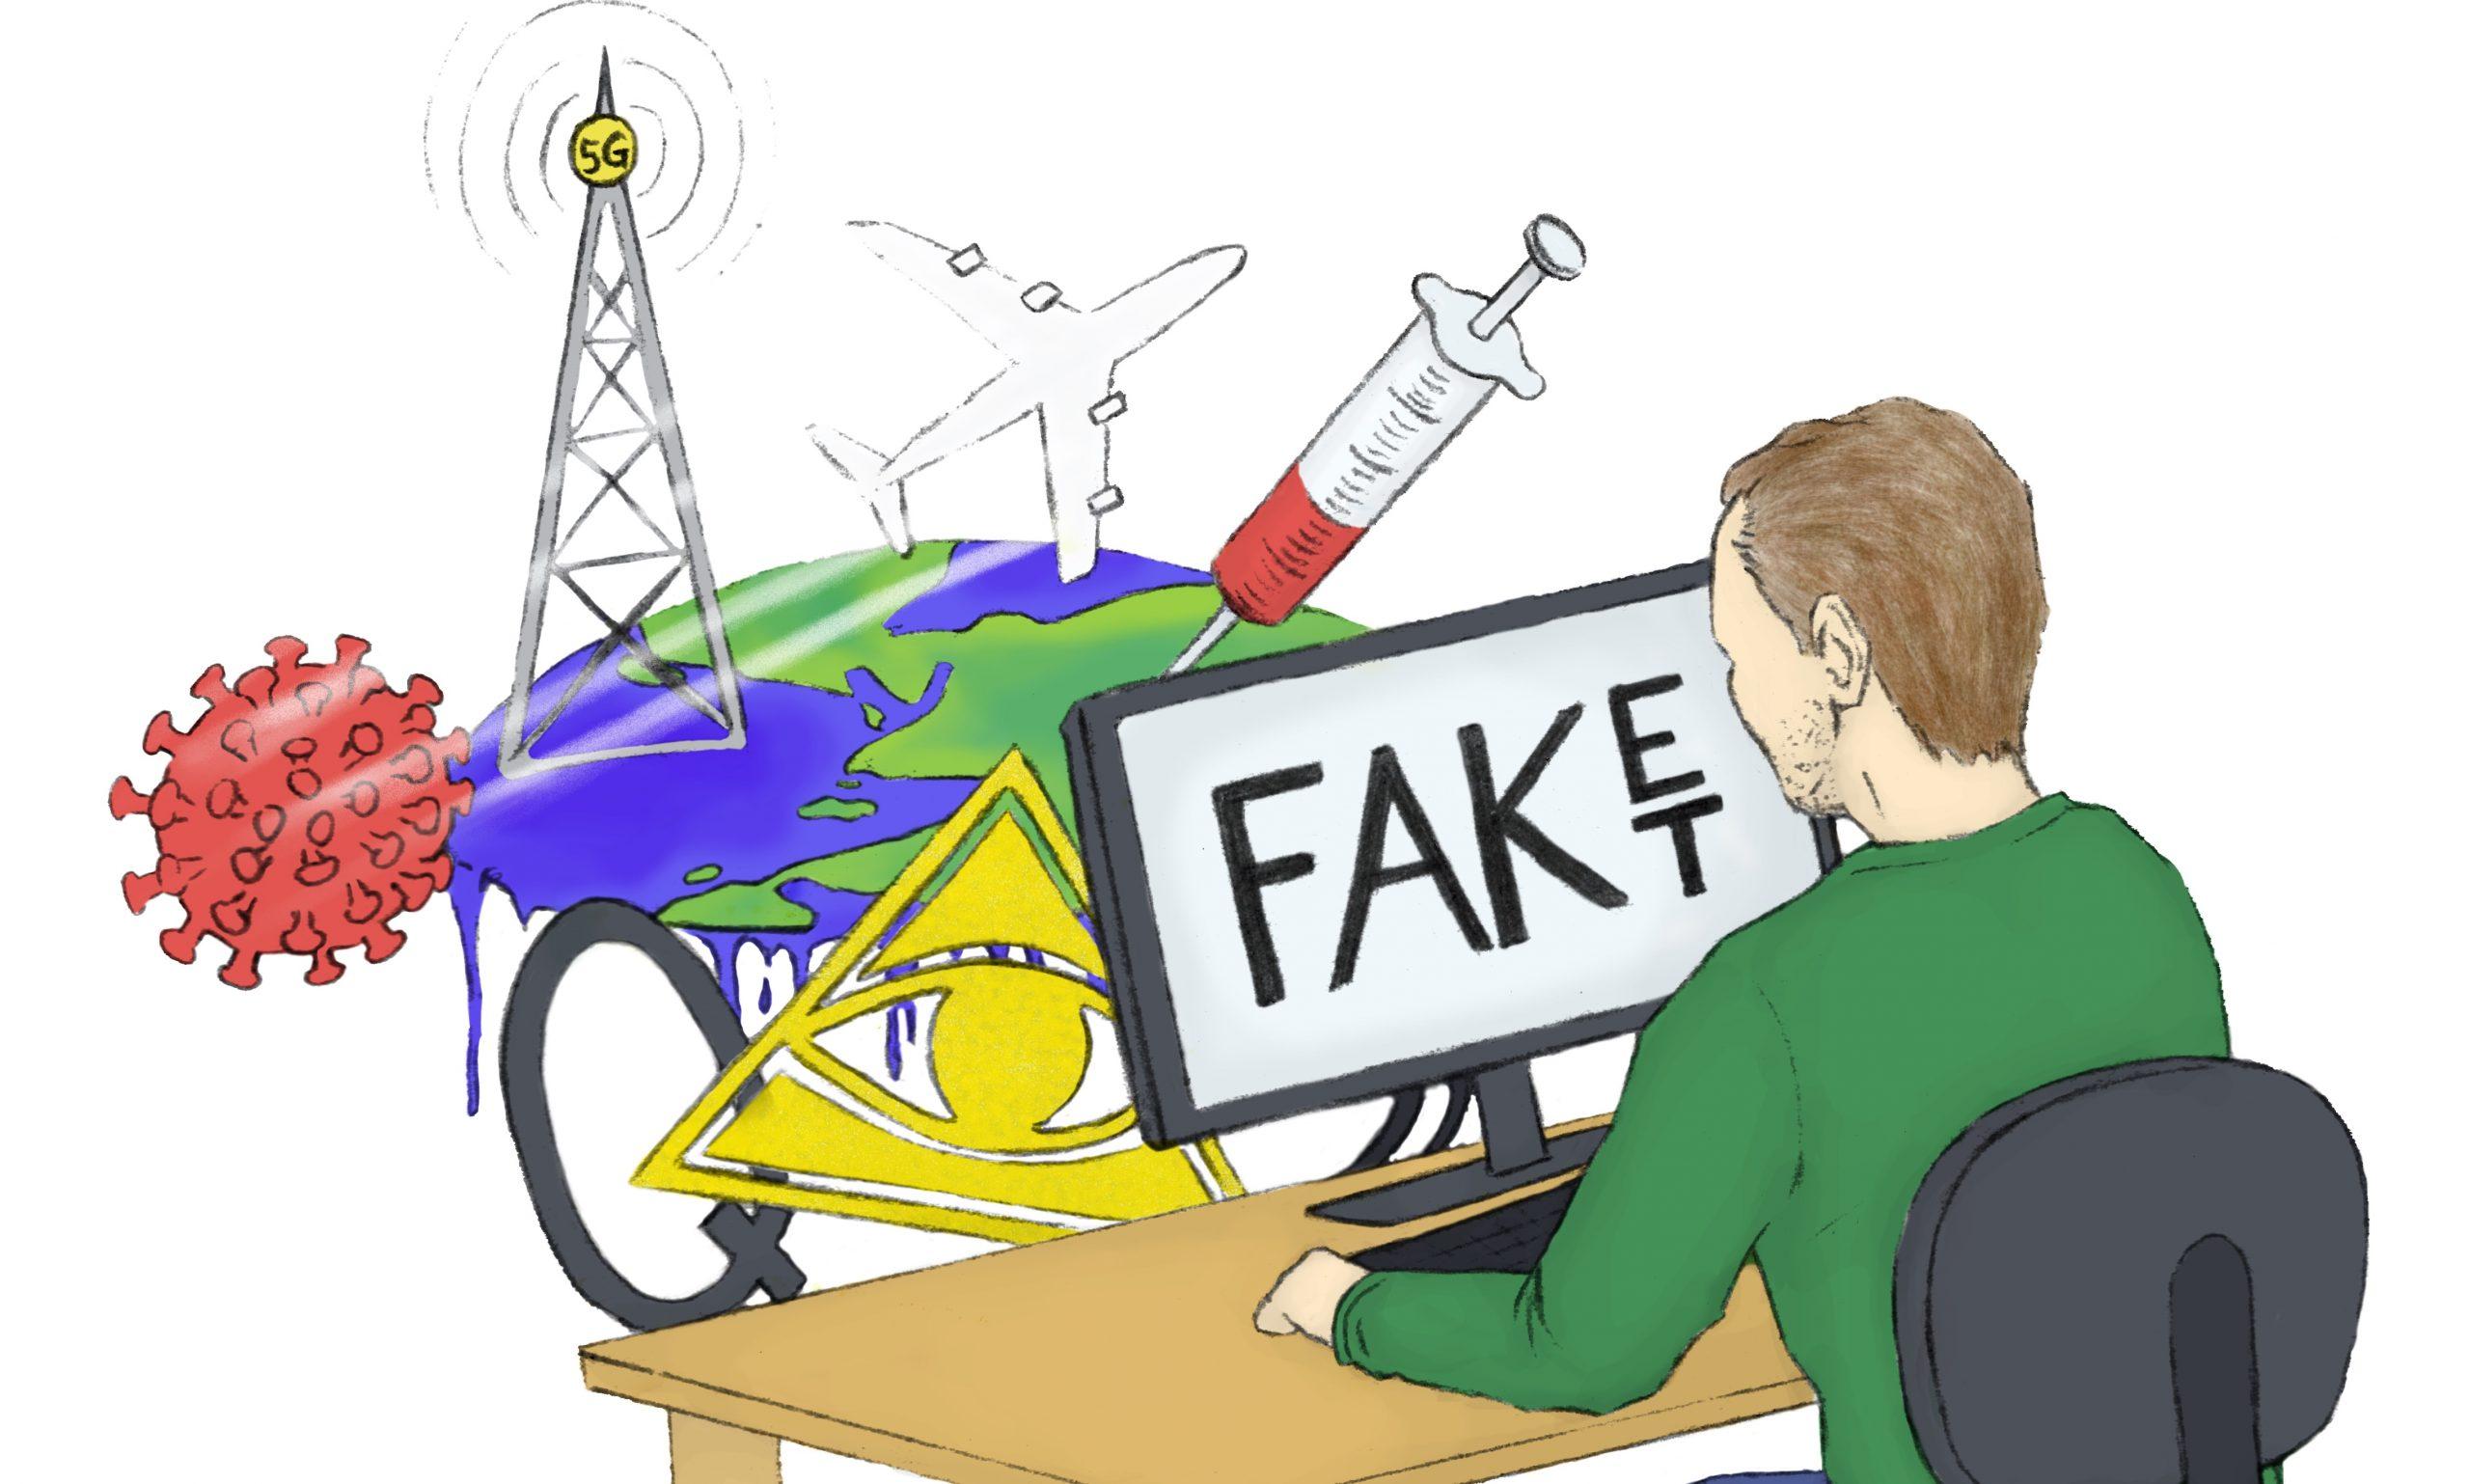 Illustration: Mann sitzt am PC im Hintergrund verschiedene Verschwörungsobjekte: Impfspritze, Chemtrails, 5G, Q-Anon Q, Illuminaten Auge, Flacherde